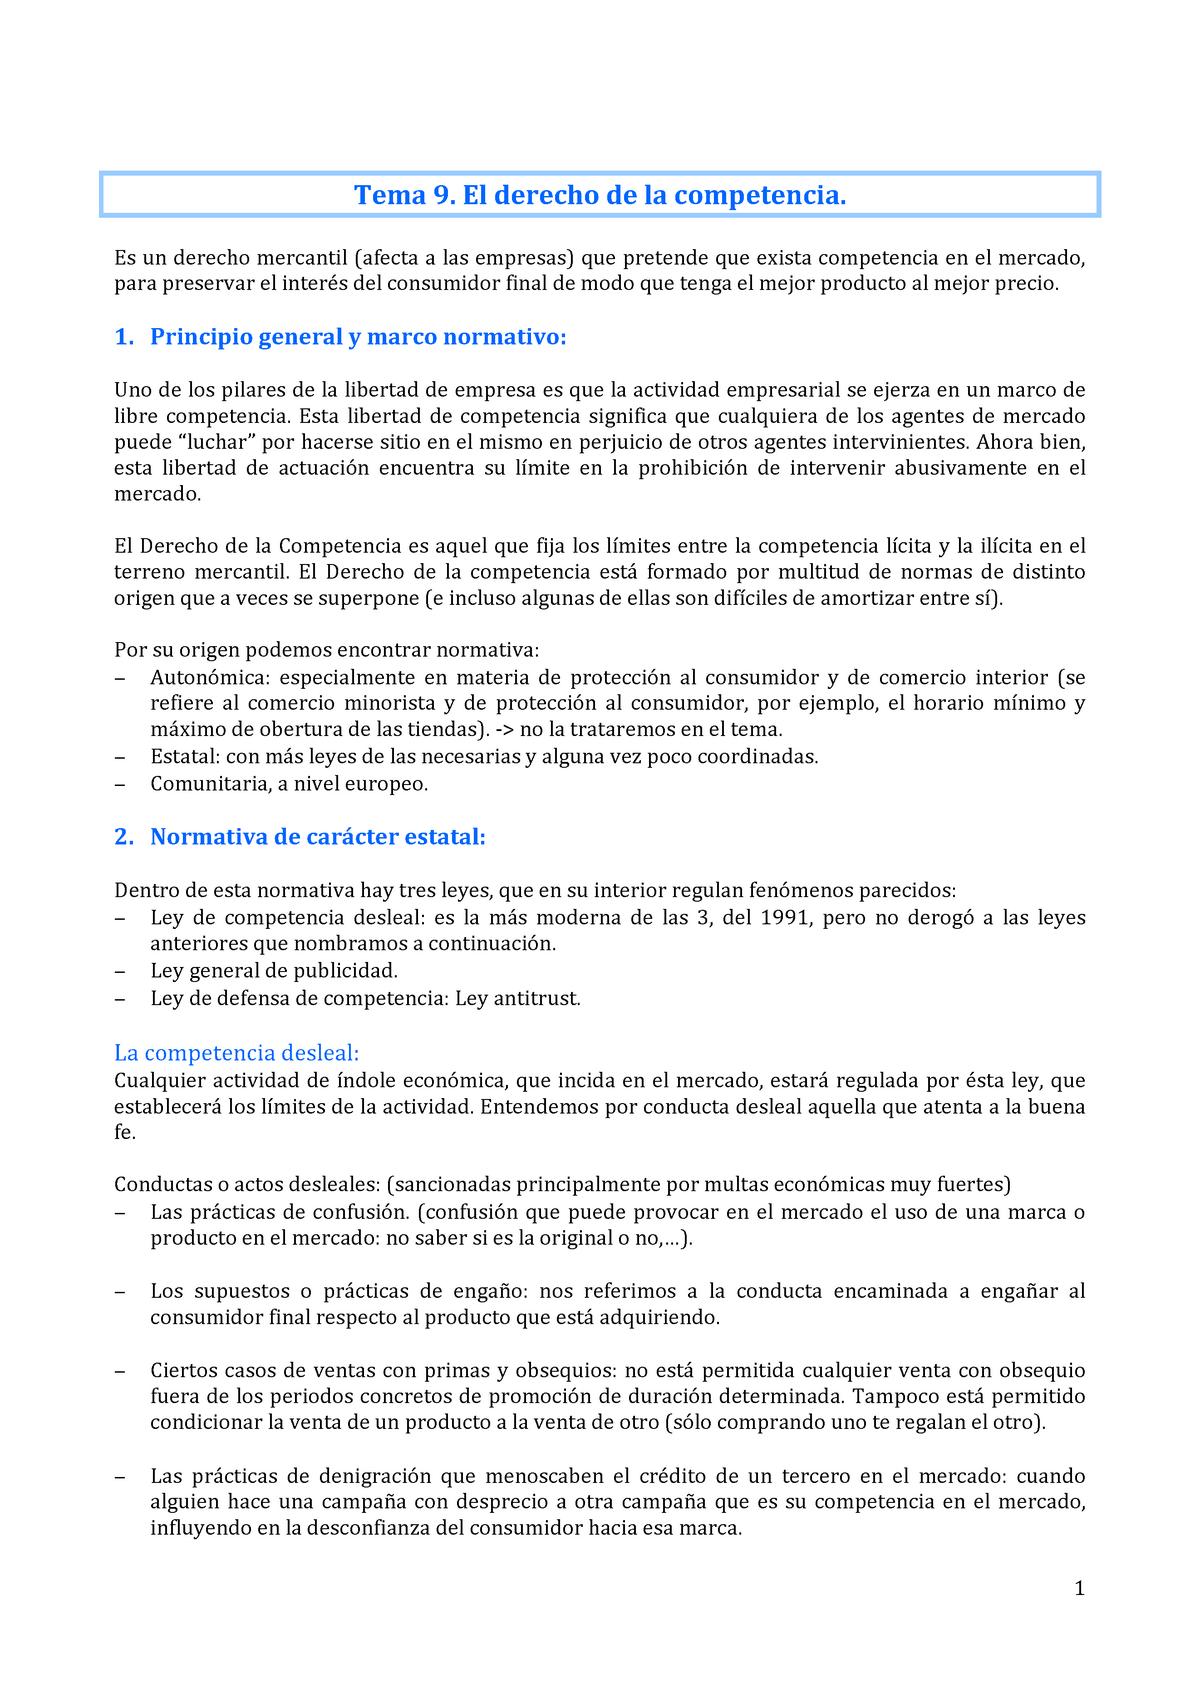 Tema 9  El Derecho de Competencia - Derecho de Empresa - StuDocu